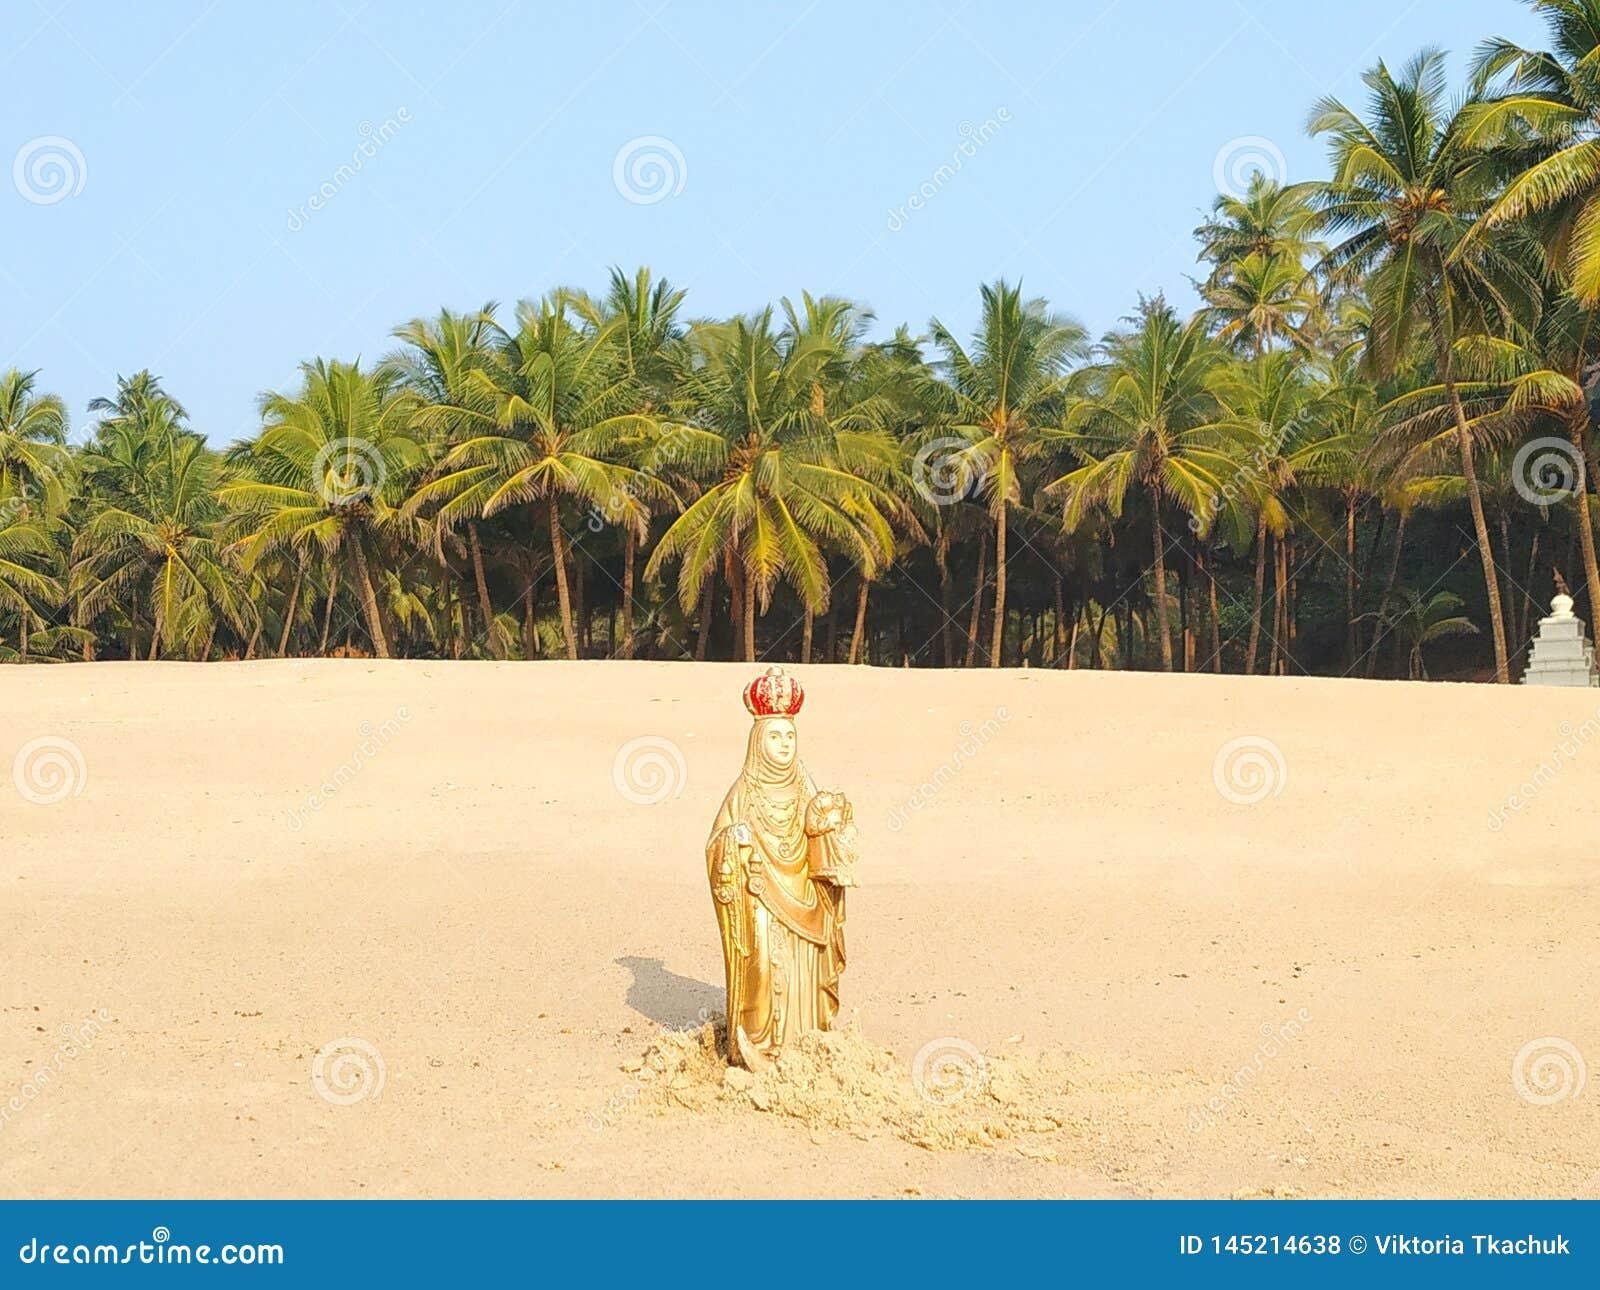 Beeldje van Maagdelijke Mary op het strand van Maharashtra